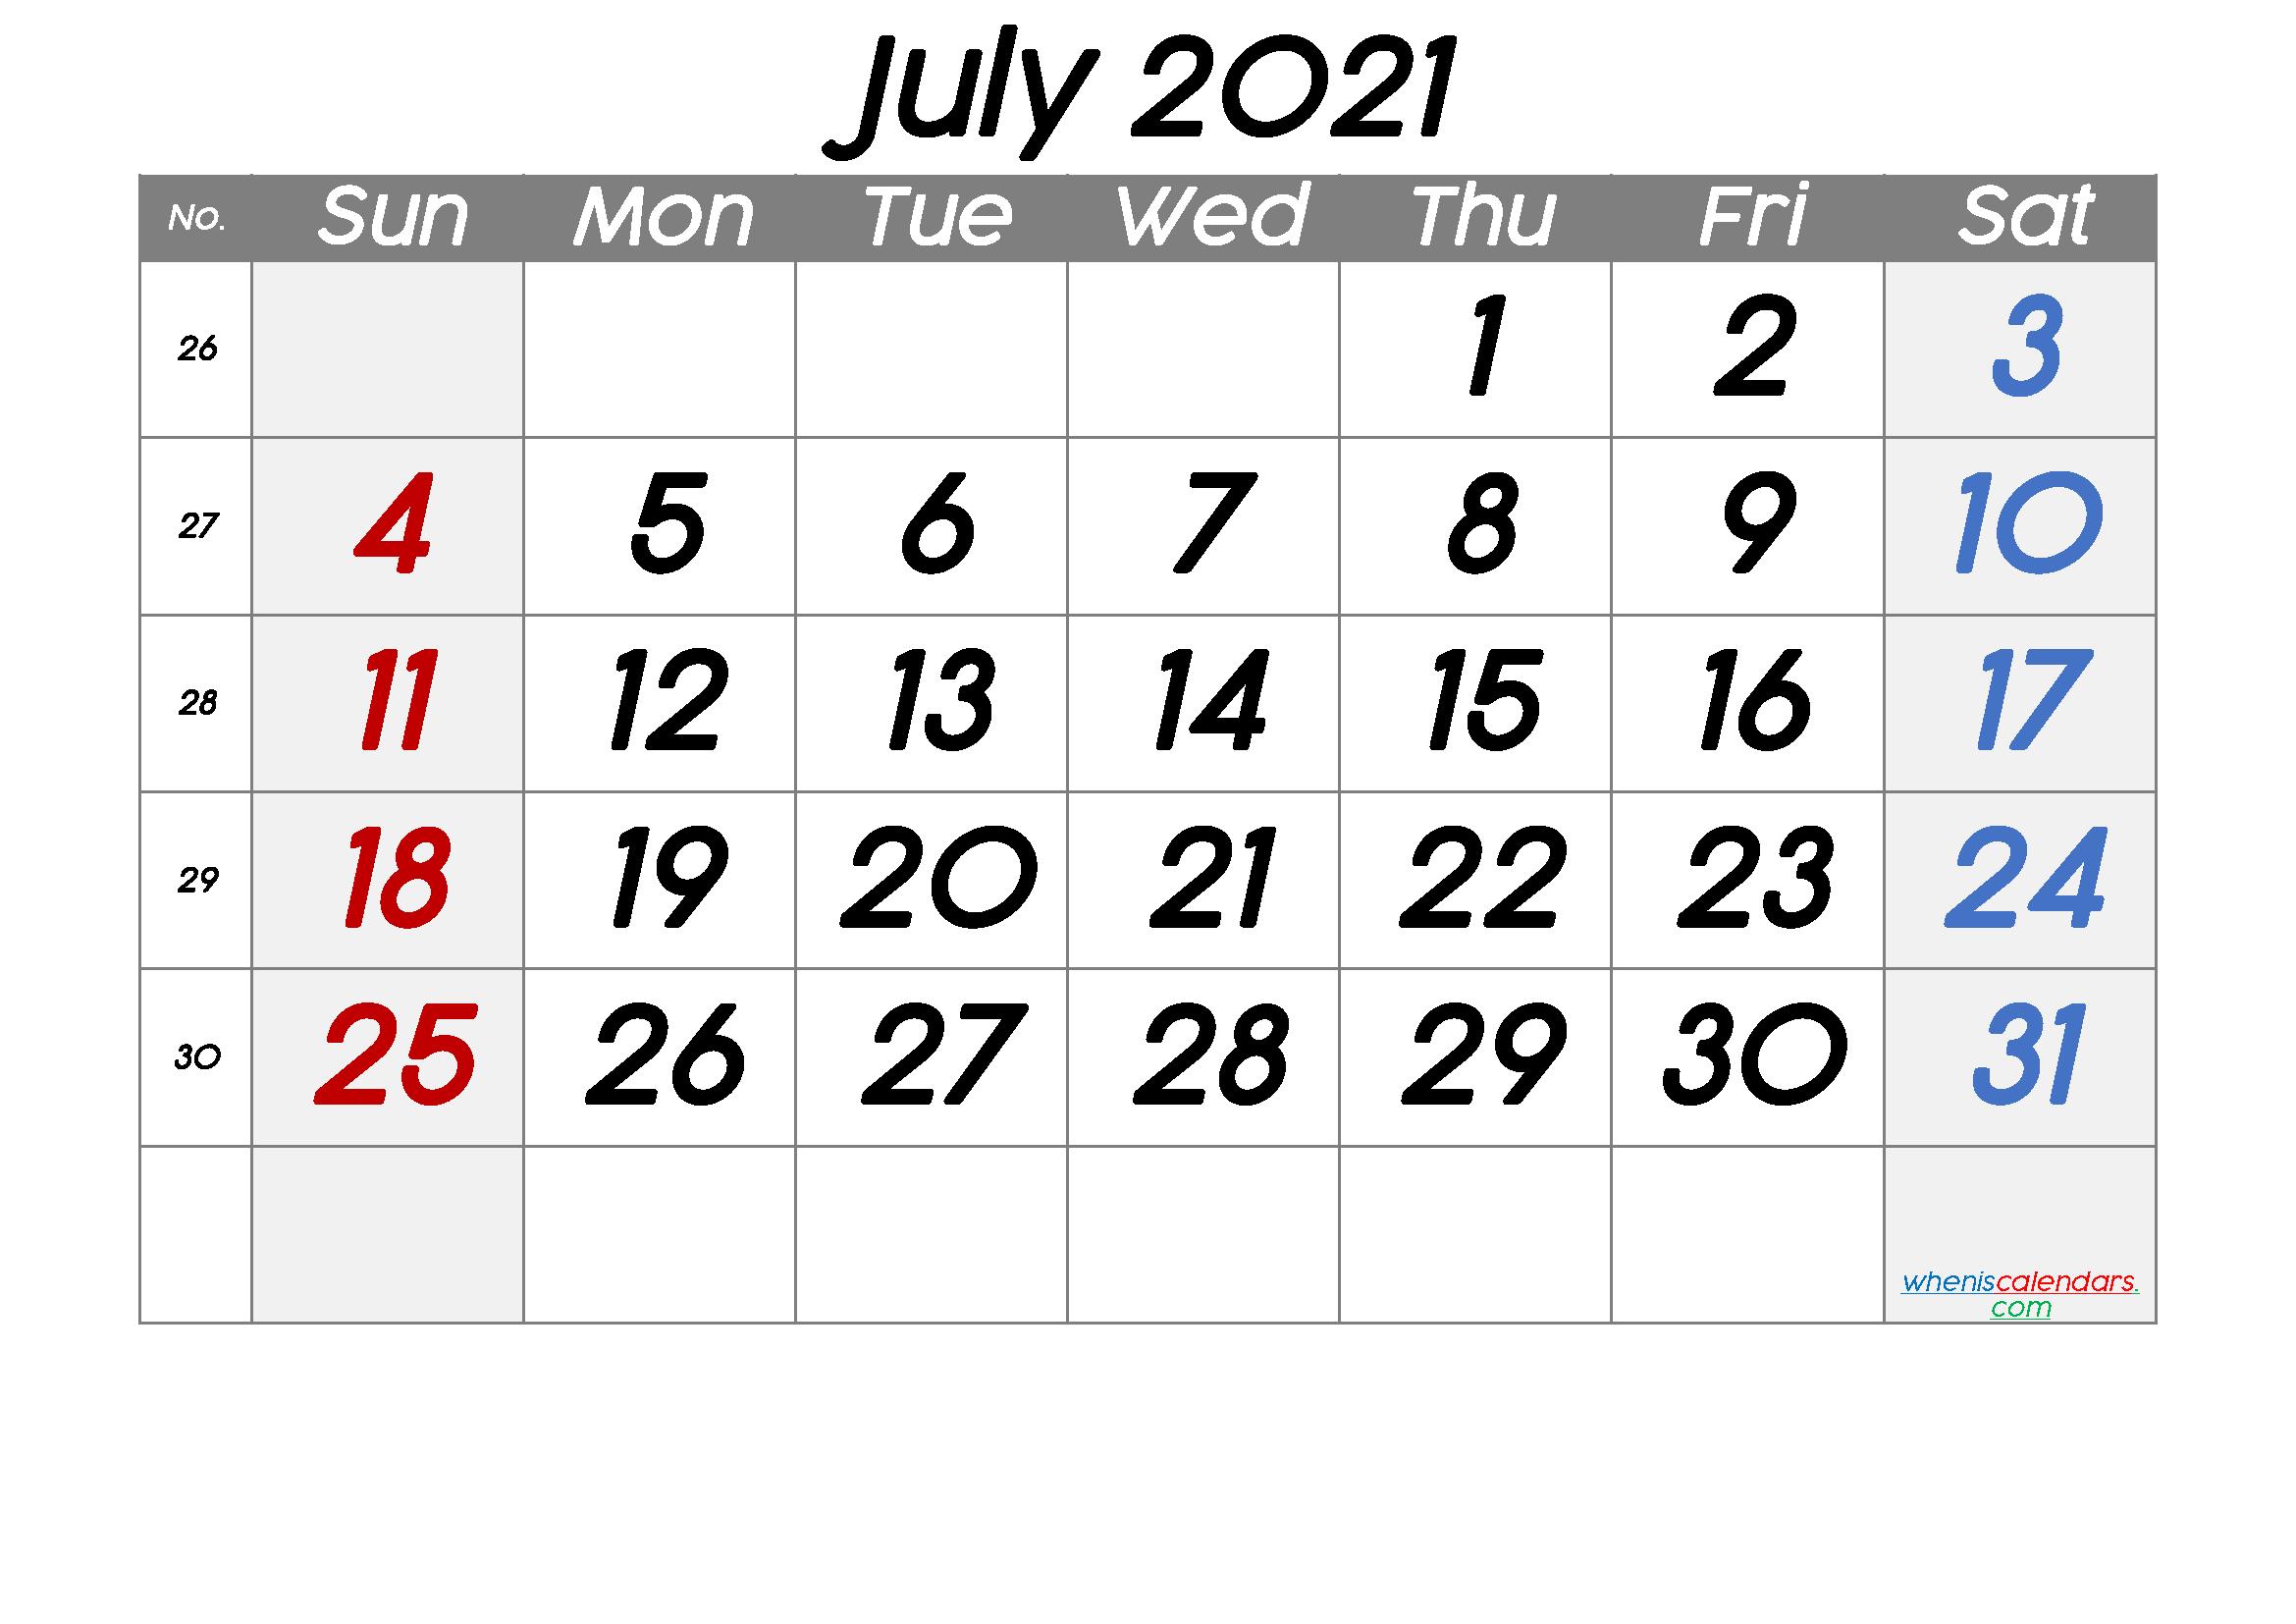 Free July 2021 Calendar with Week Numbers